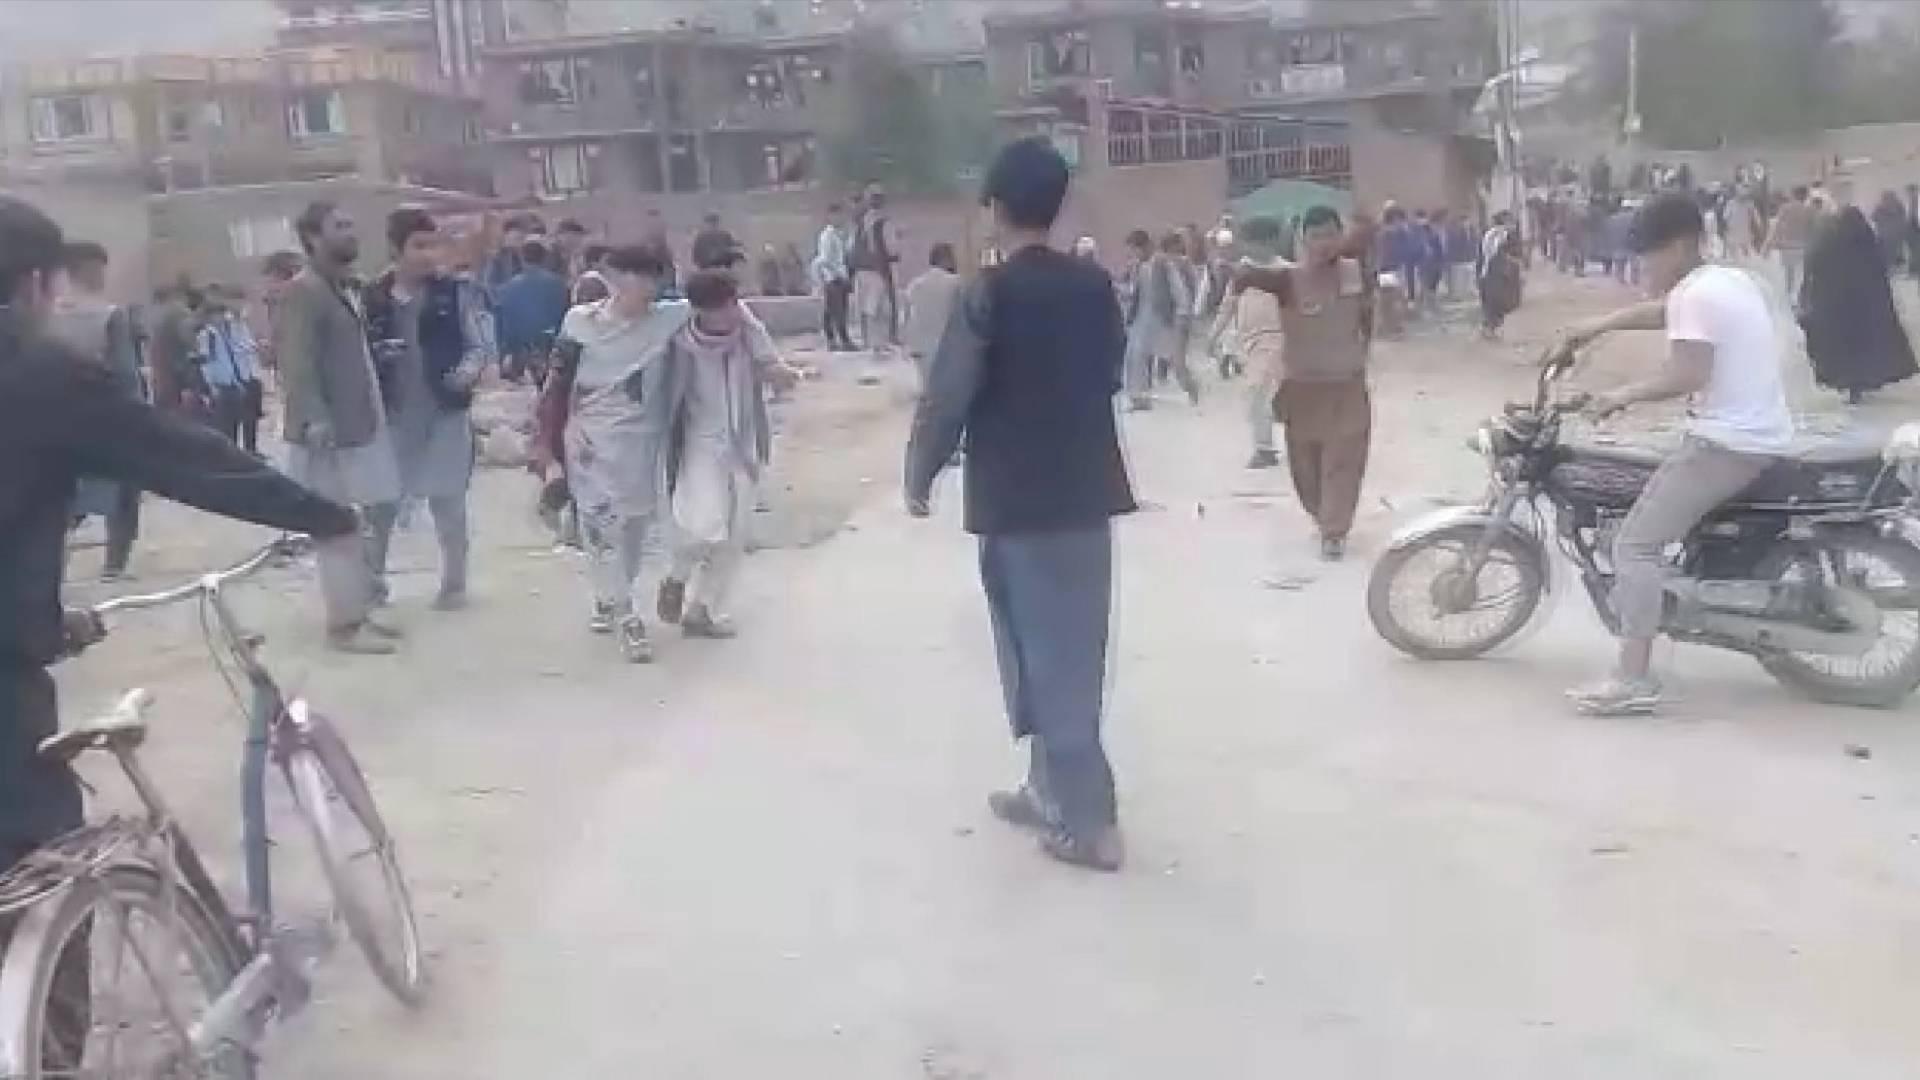 全球连线|阿富汗首都连环爆炸遇难者超过50人